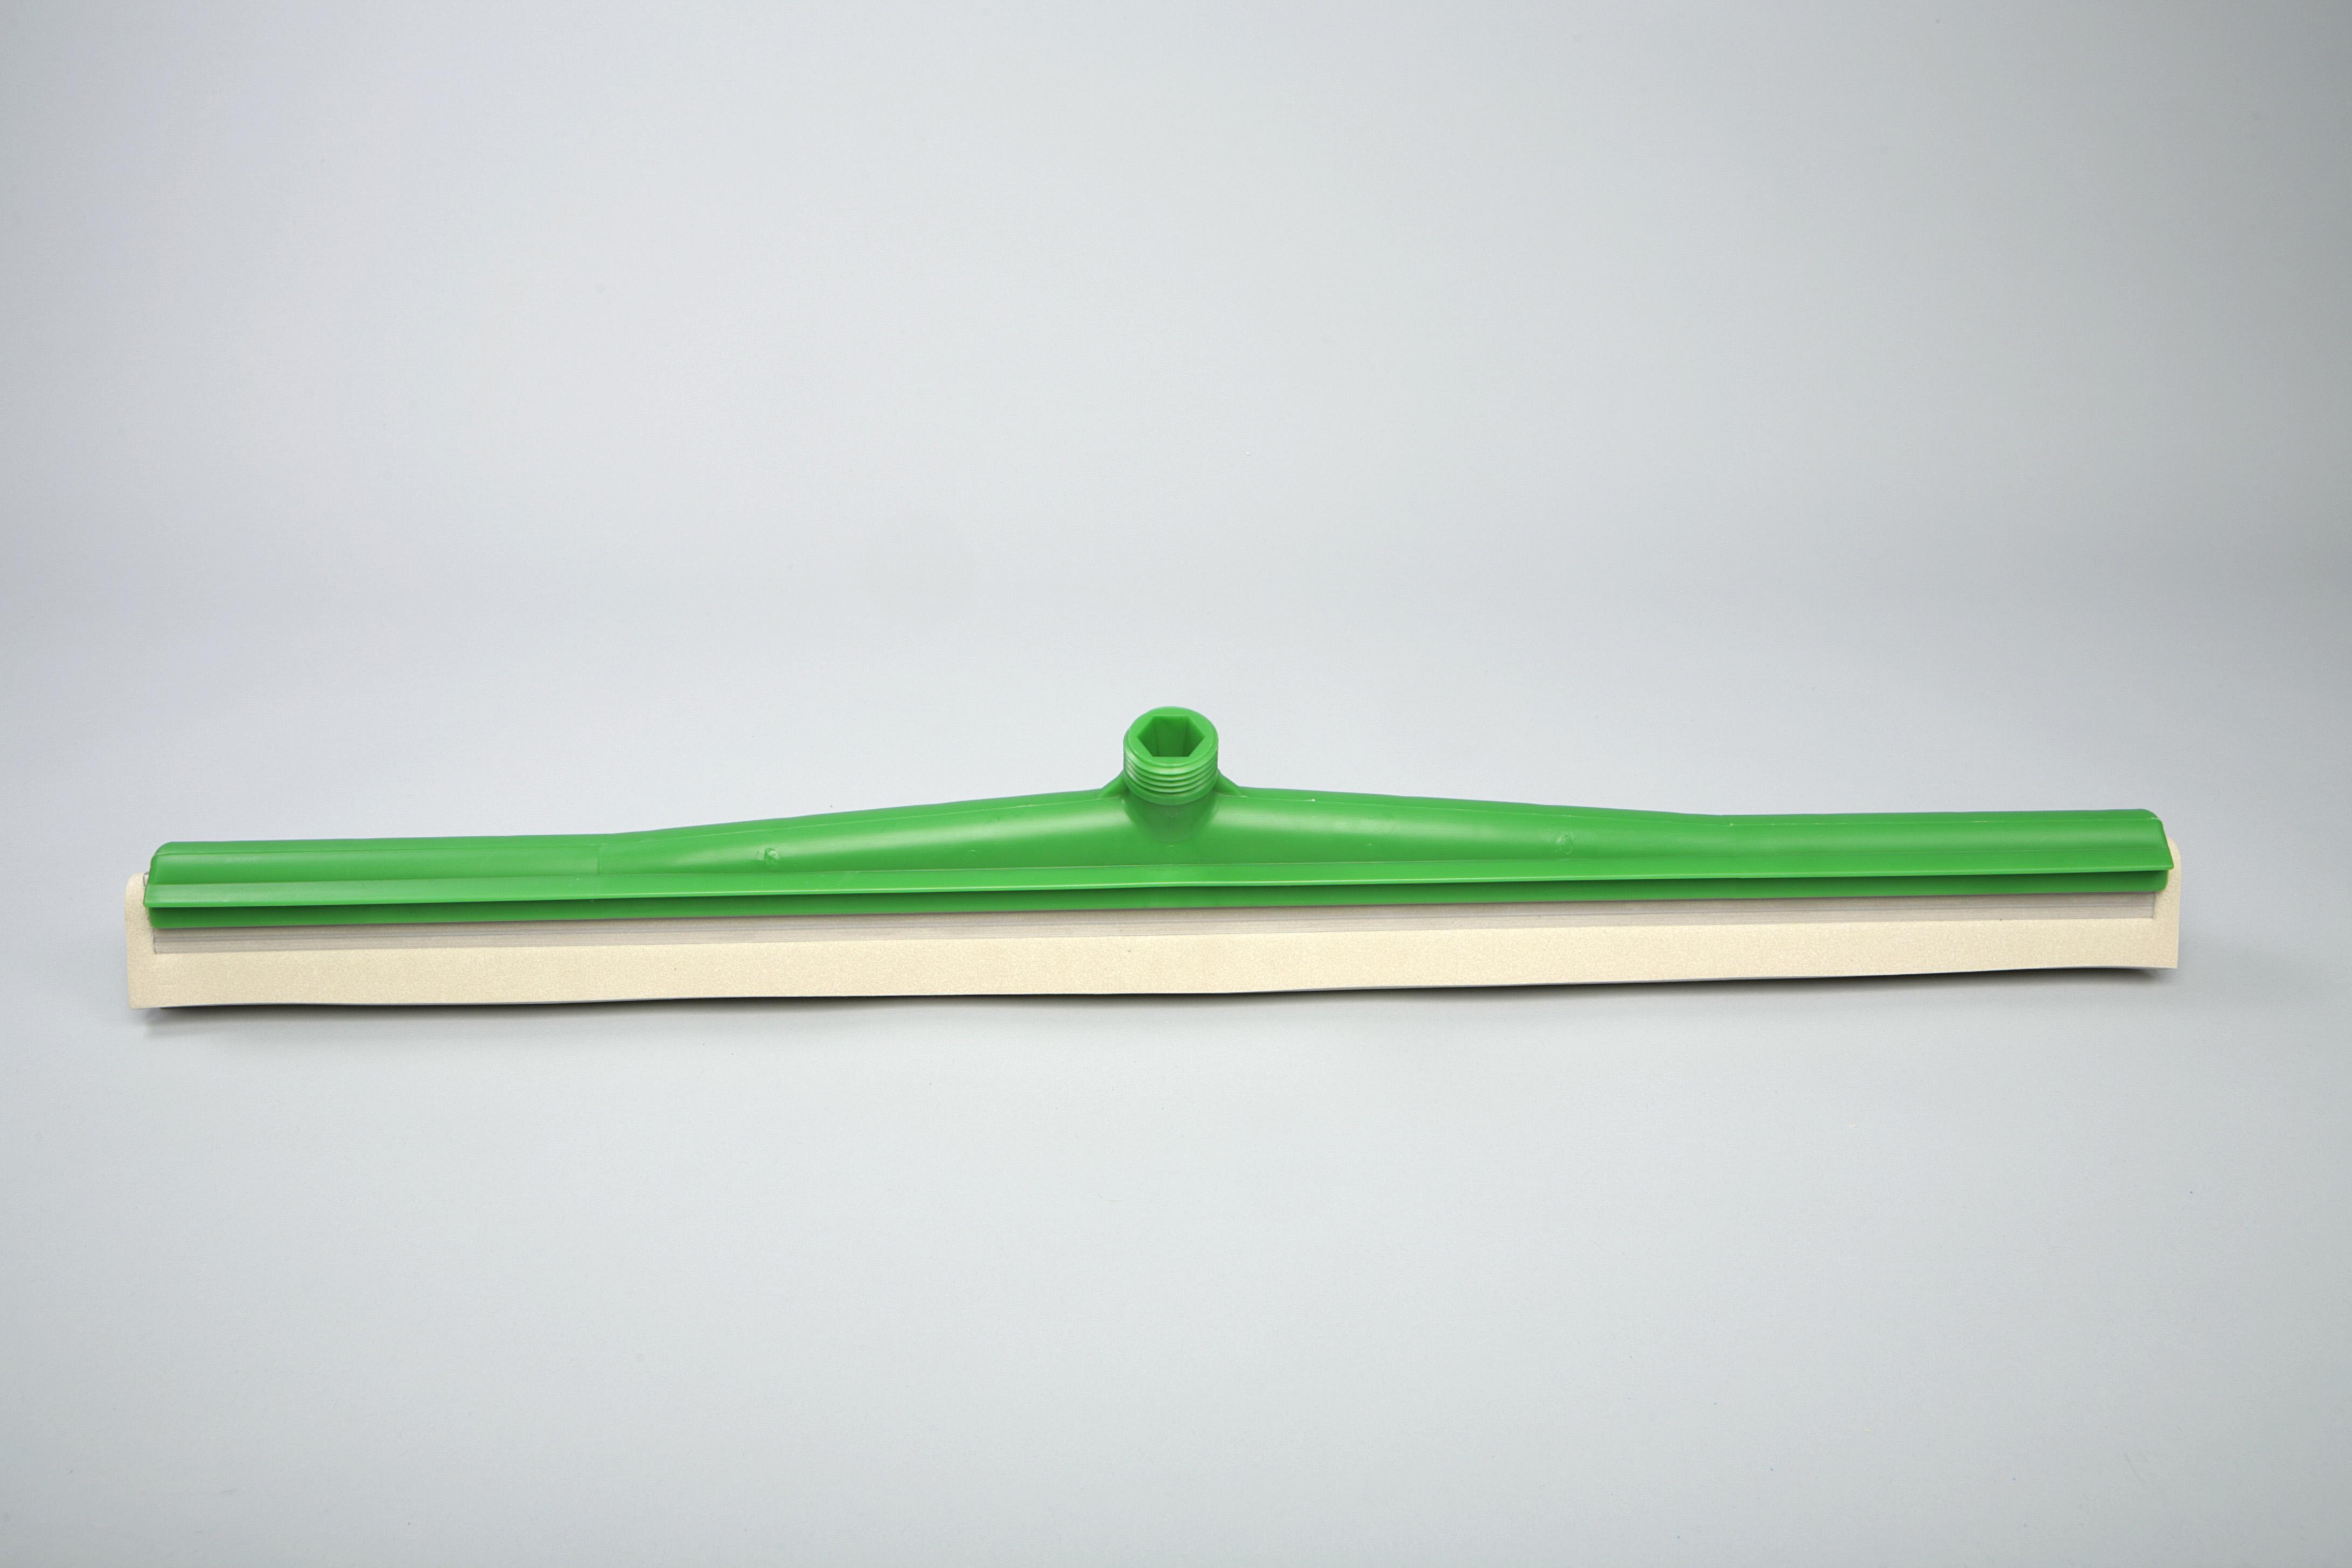 Unimop põrandakuivataja 60 cm, roheline, kastis 6 tk